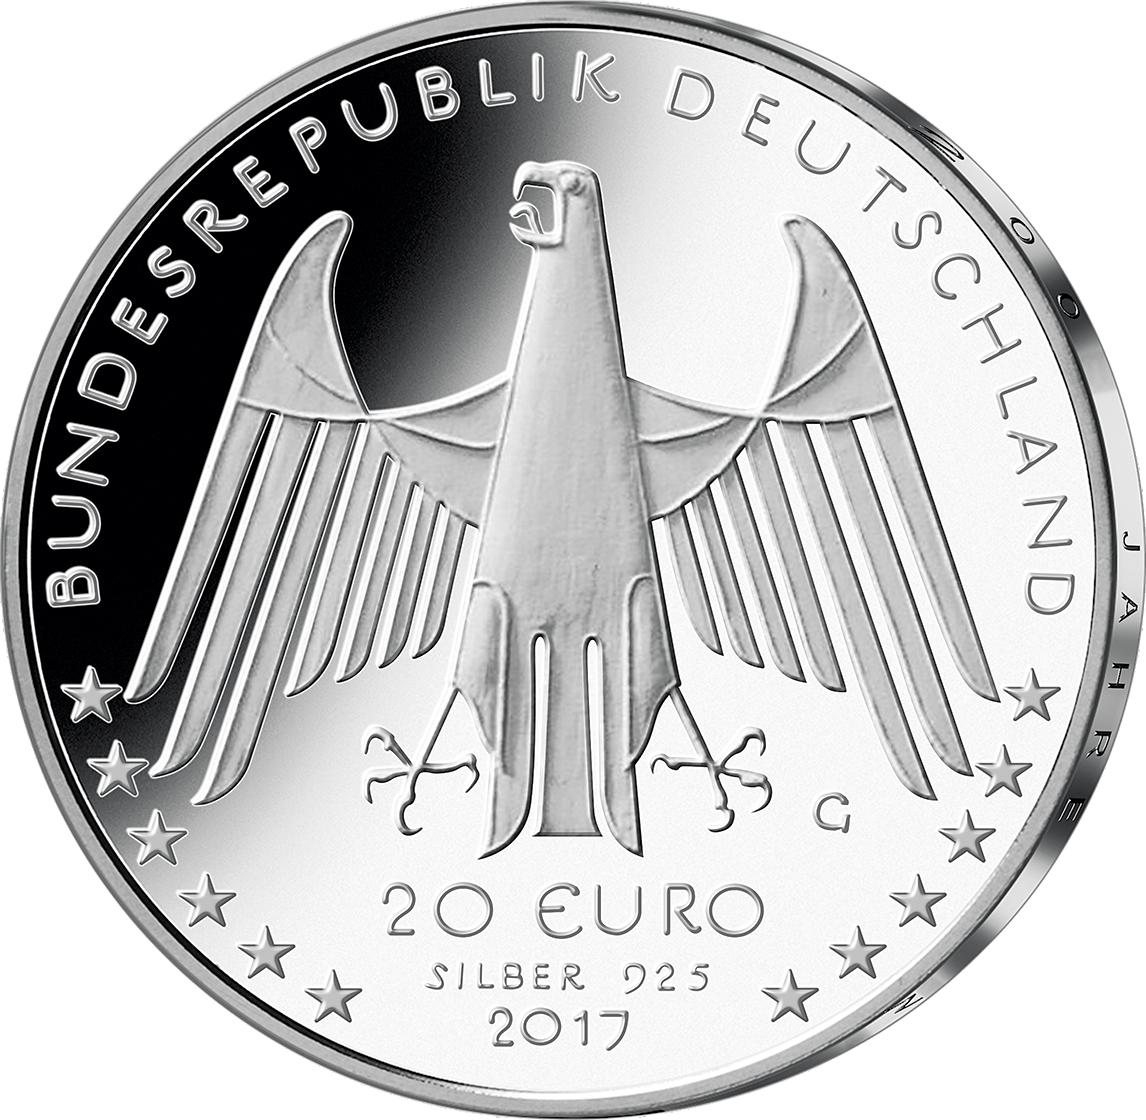 20 Euro Silber Münze 2017 200 J Fahrrad St Münzen Günstigerde